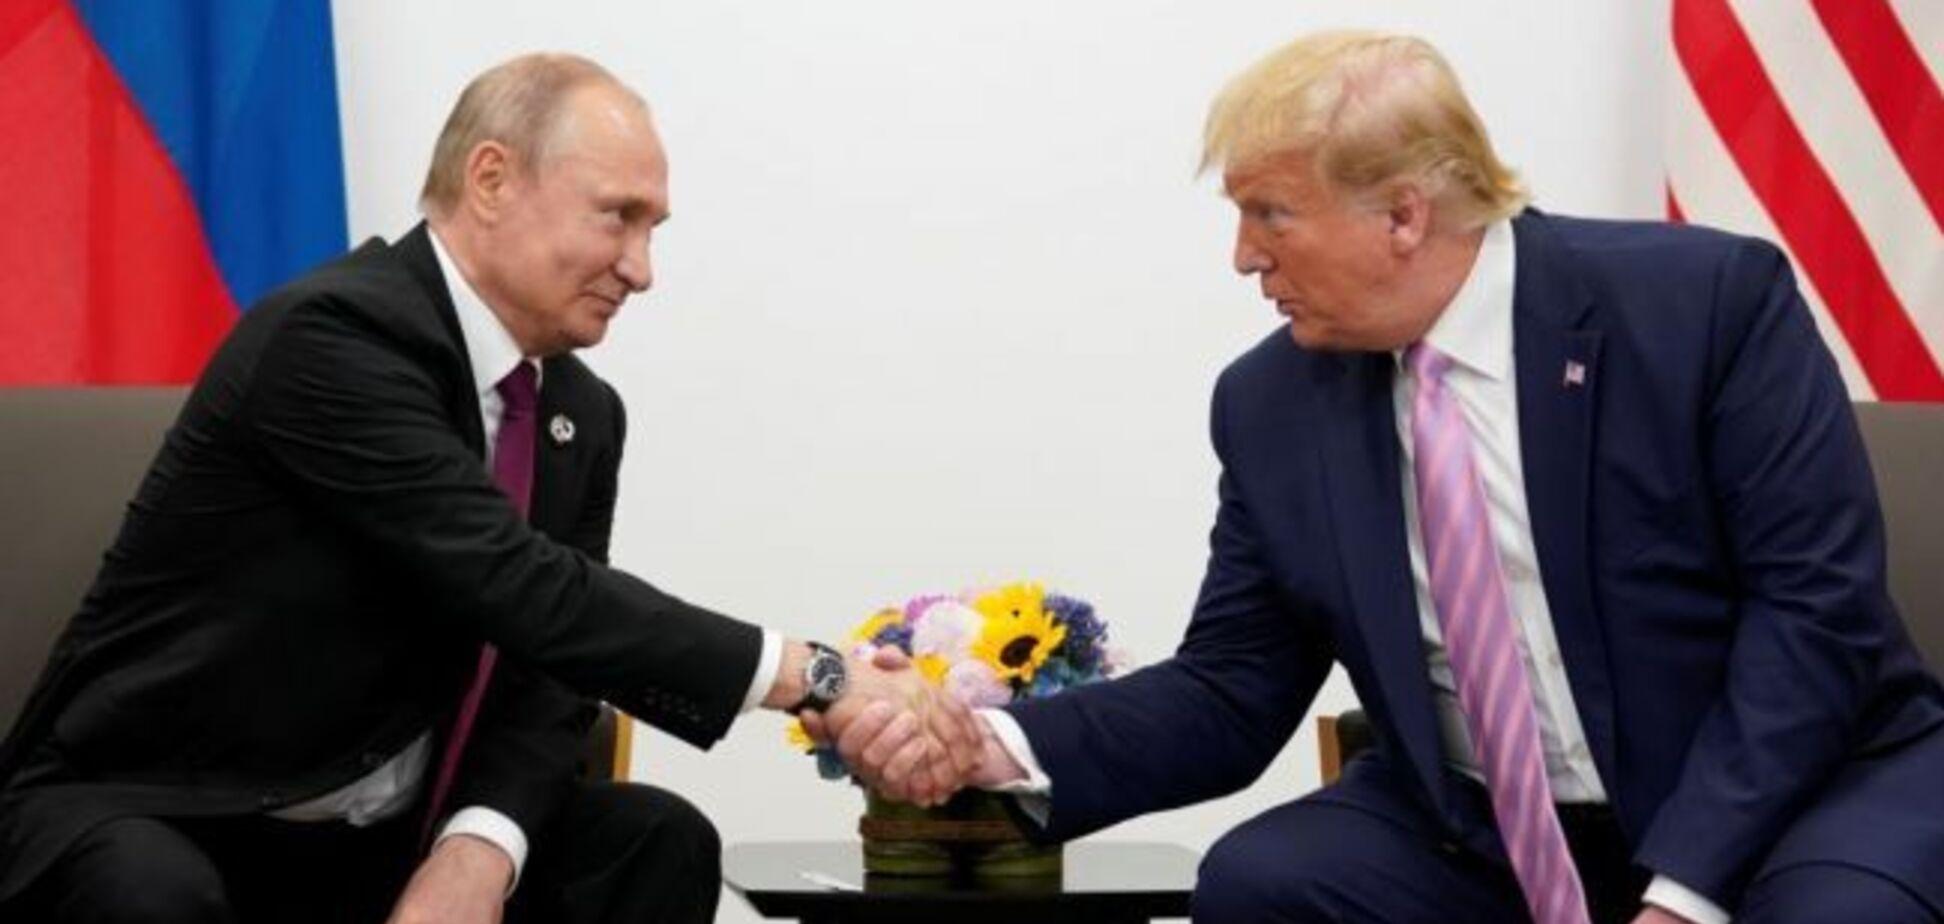 О чем говорили Путин и Трамп: в России рассказали свою версию